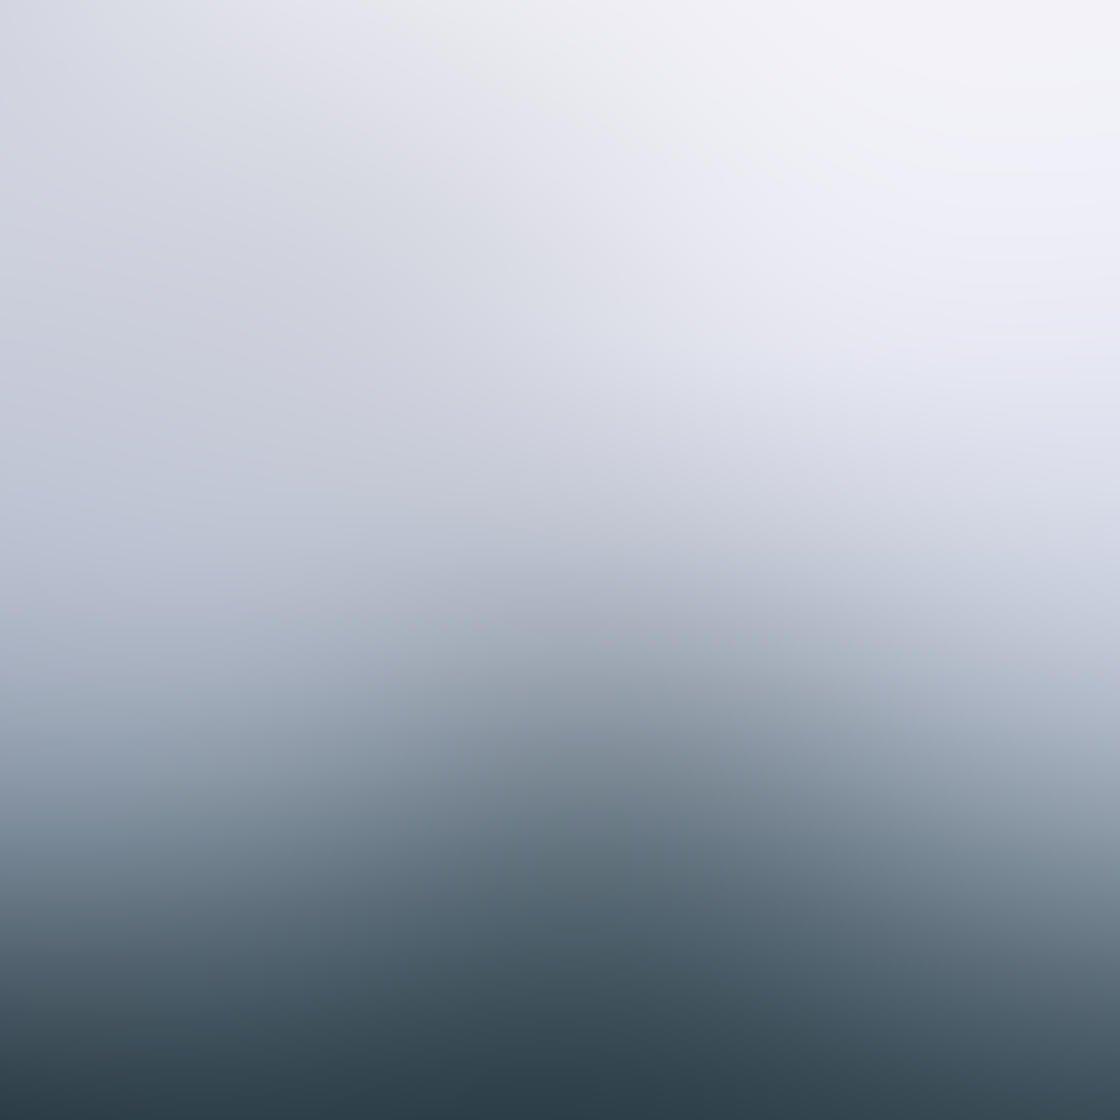 Landscape iPhone Photo Composition 2